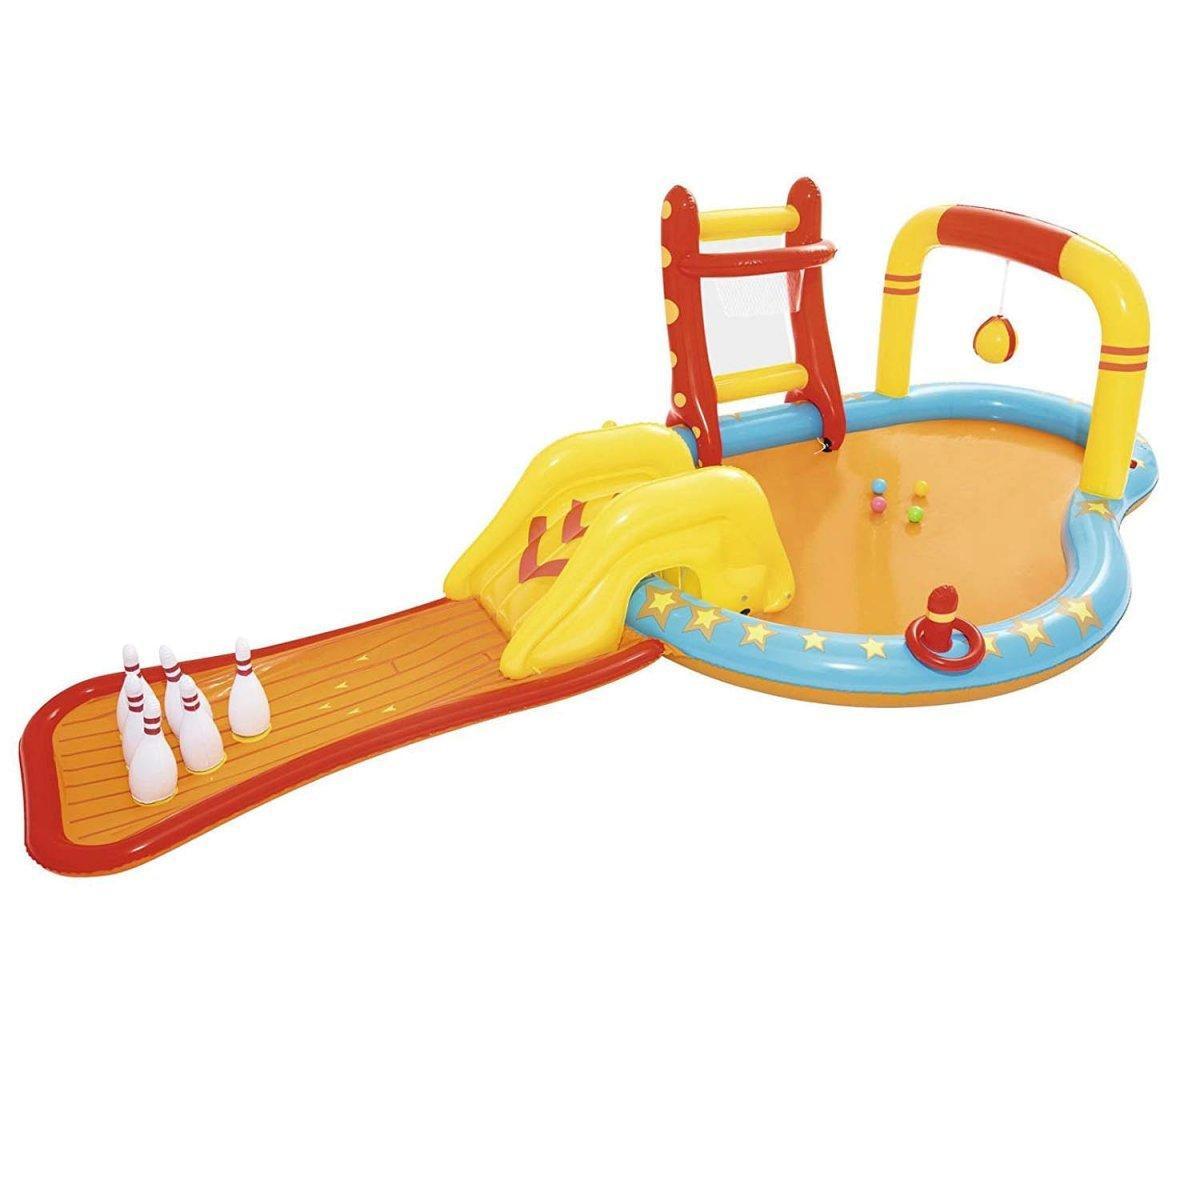 Надувной игровой центр Bestway 52211 «Кораблик» с надувными кольцами